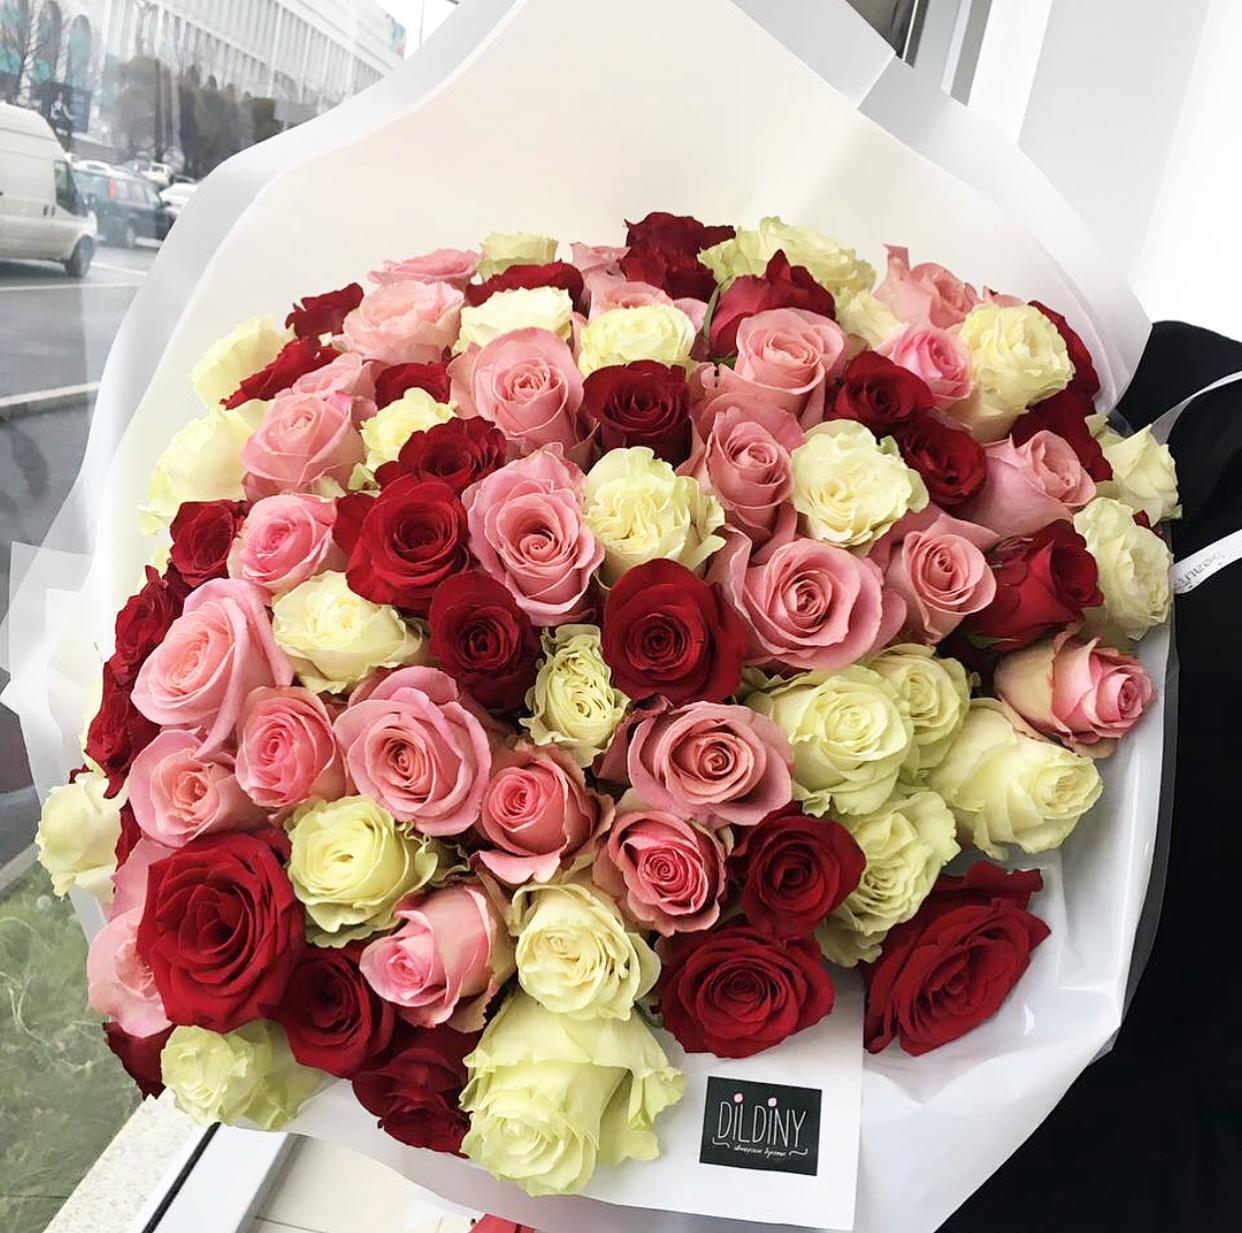 Цветы поставщика, доставка цветов и подарков алматы